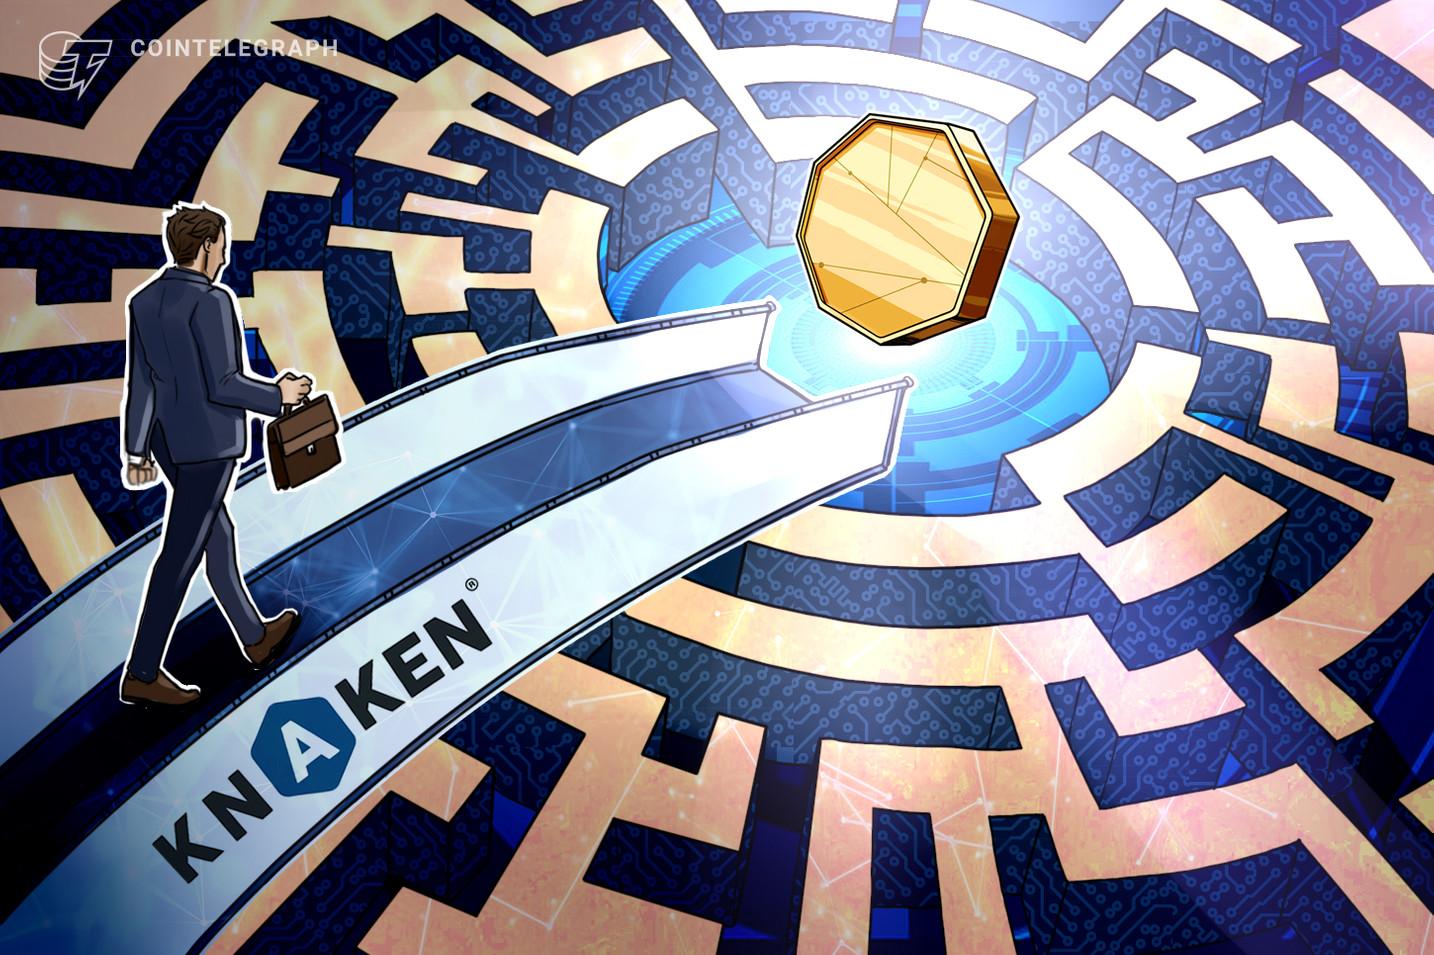 Aller Anfang ist schwer? – Neue Kryptobörse will Einstieg in die Welt von Bitcoin erleichtern